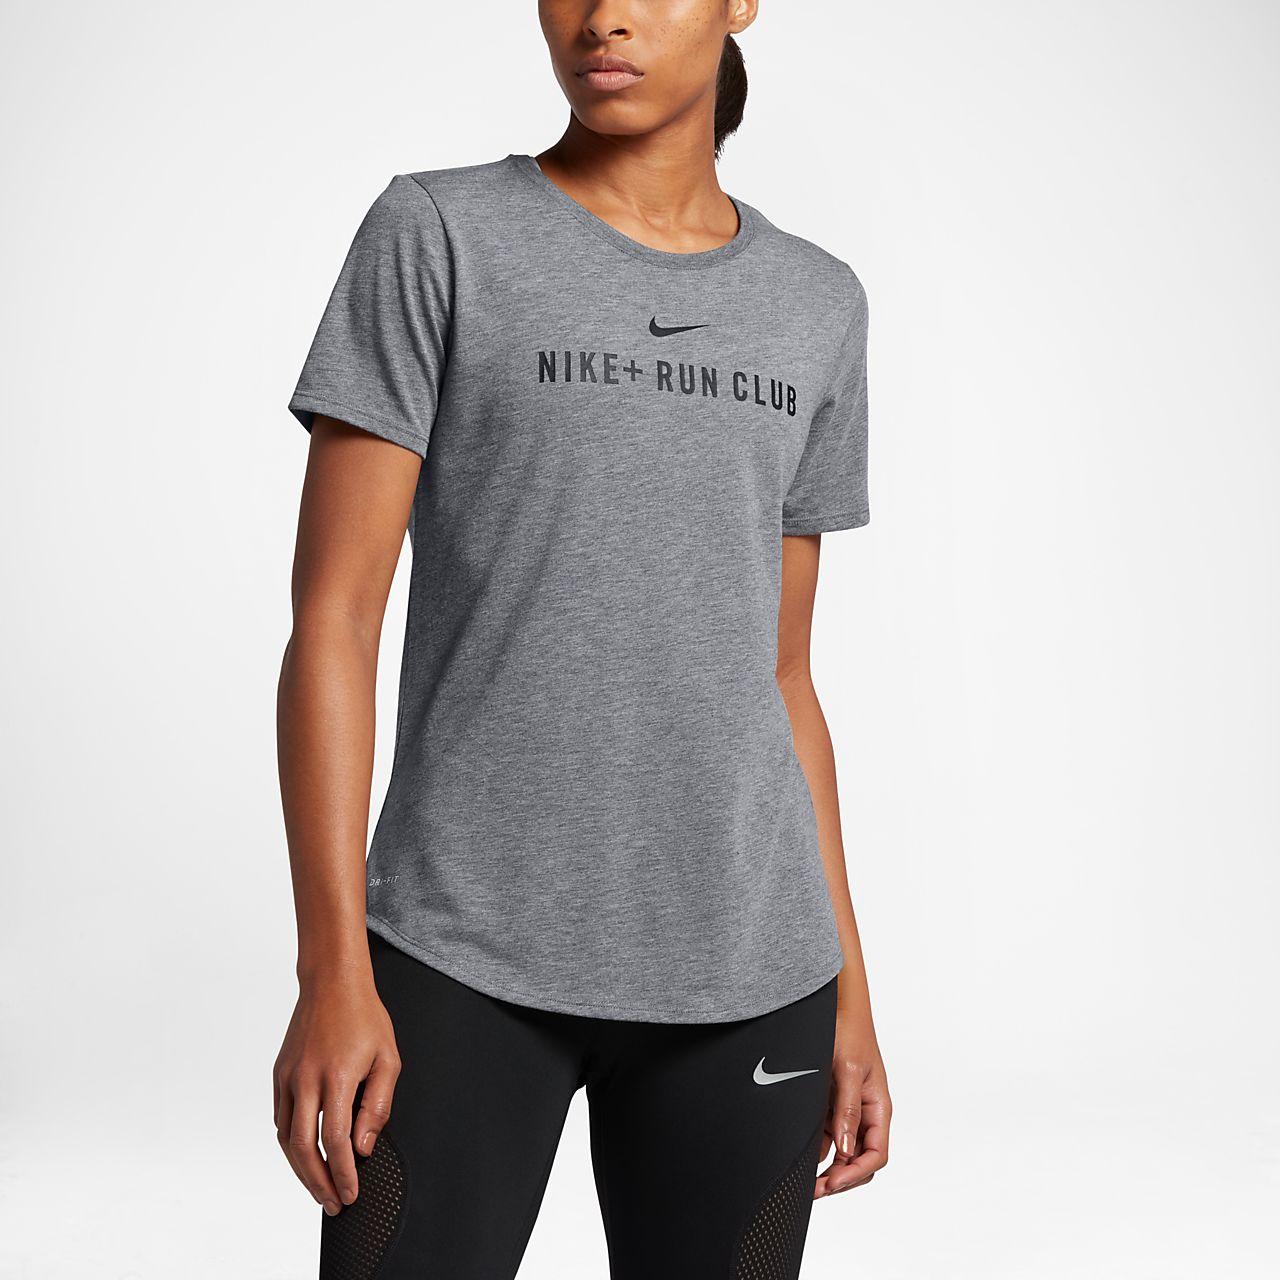 nike dry run club womens tshirt nikecom